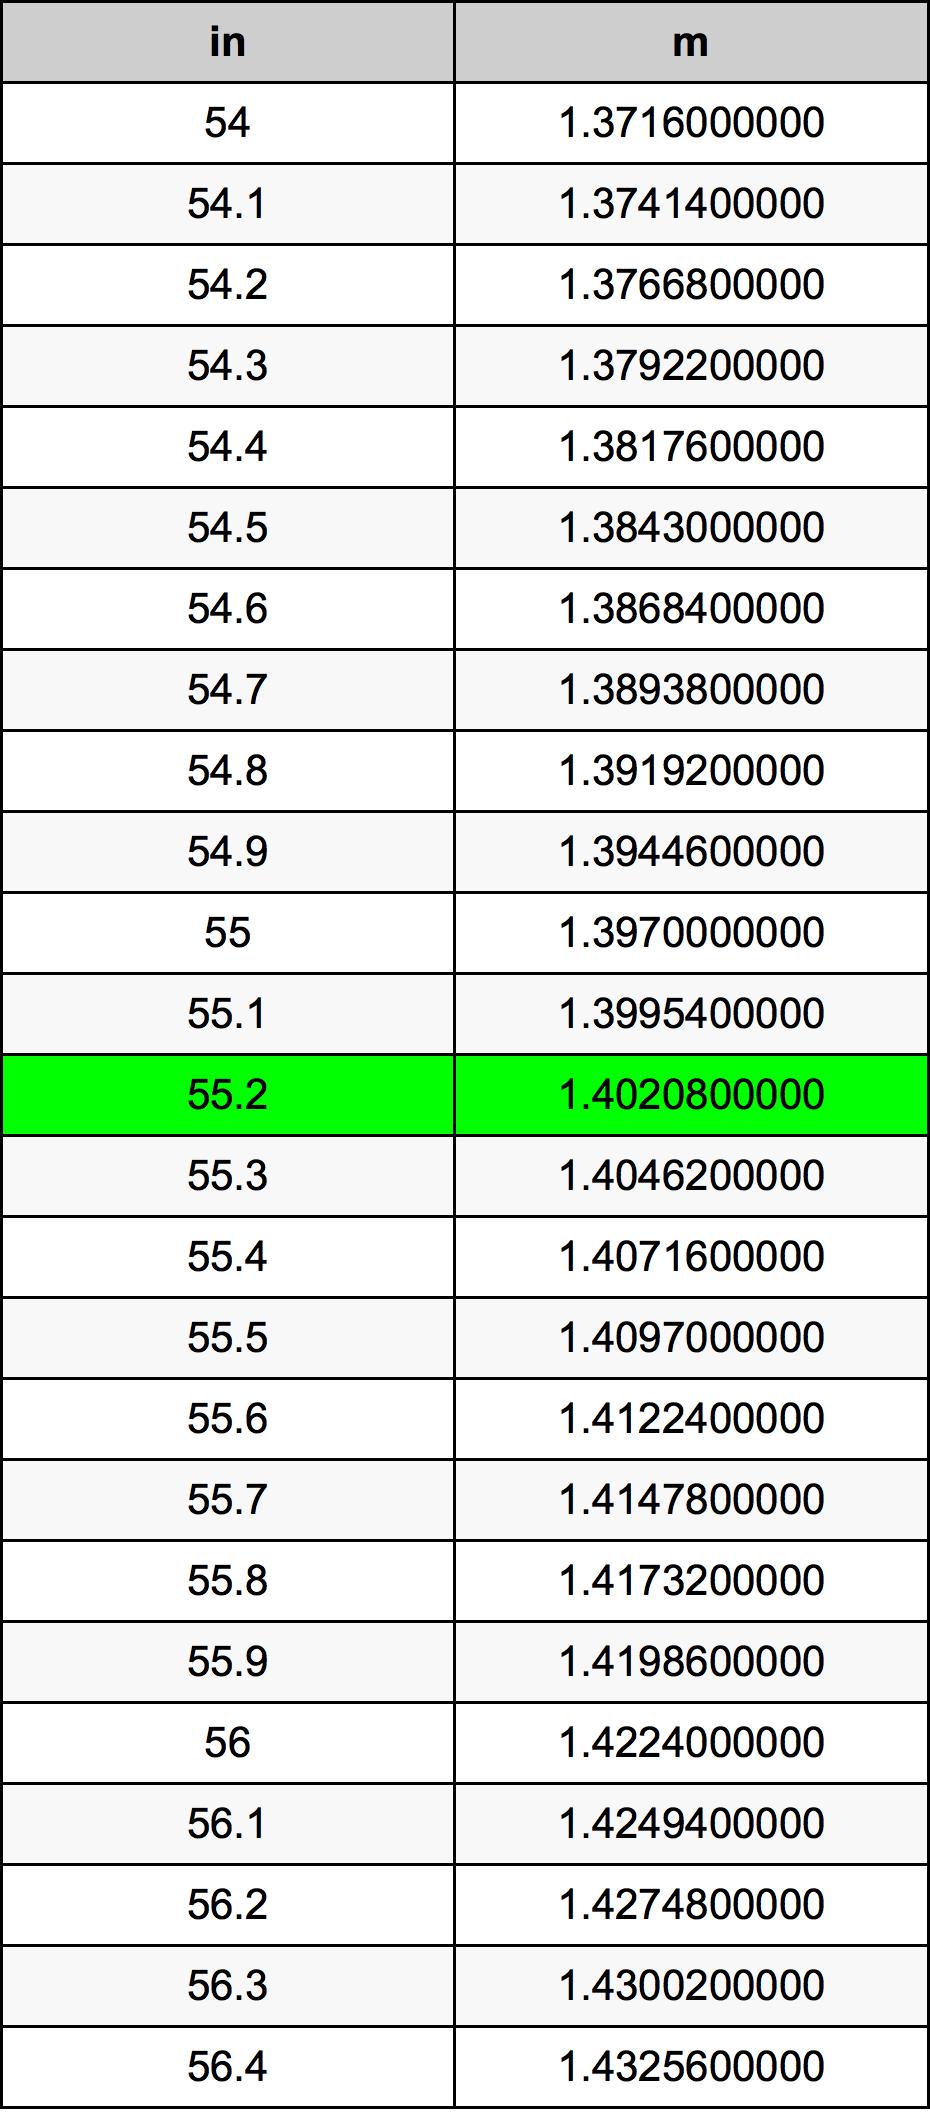 55.2 Pouce table de conversion